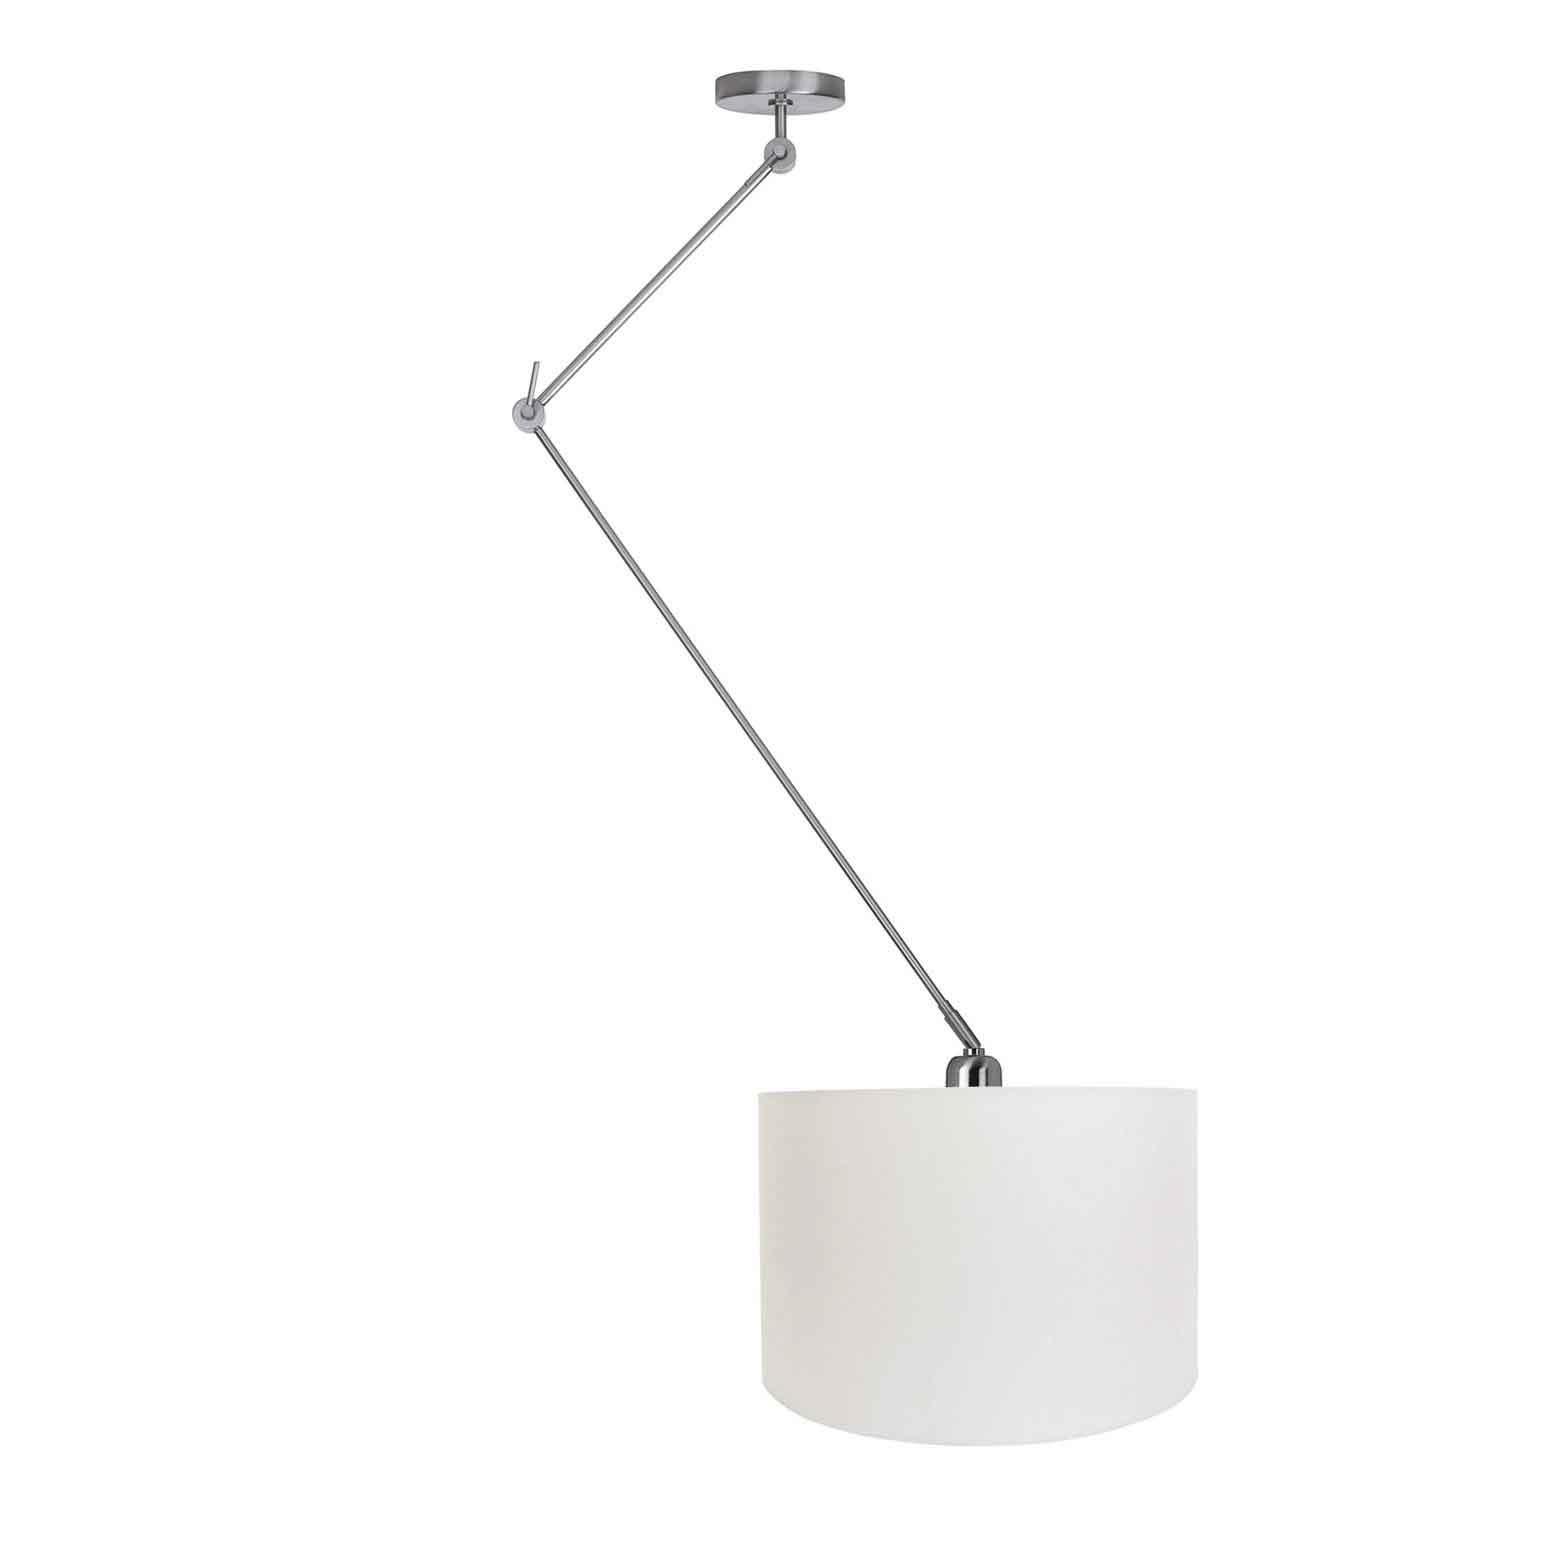 Ylumen Hanglamp Knik met witte kap Ø 40 cm mat-chroom